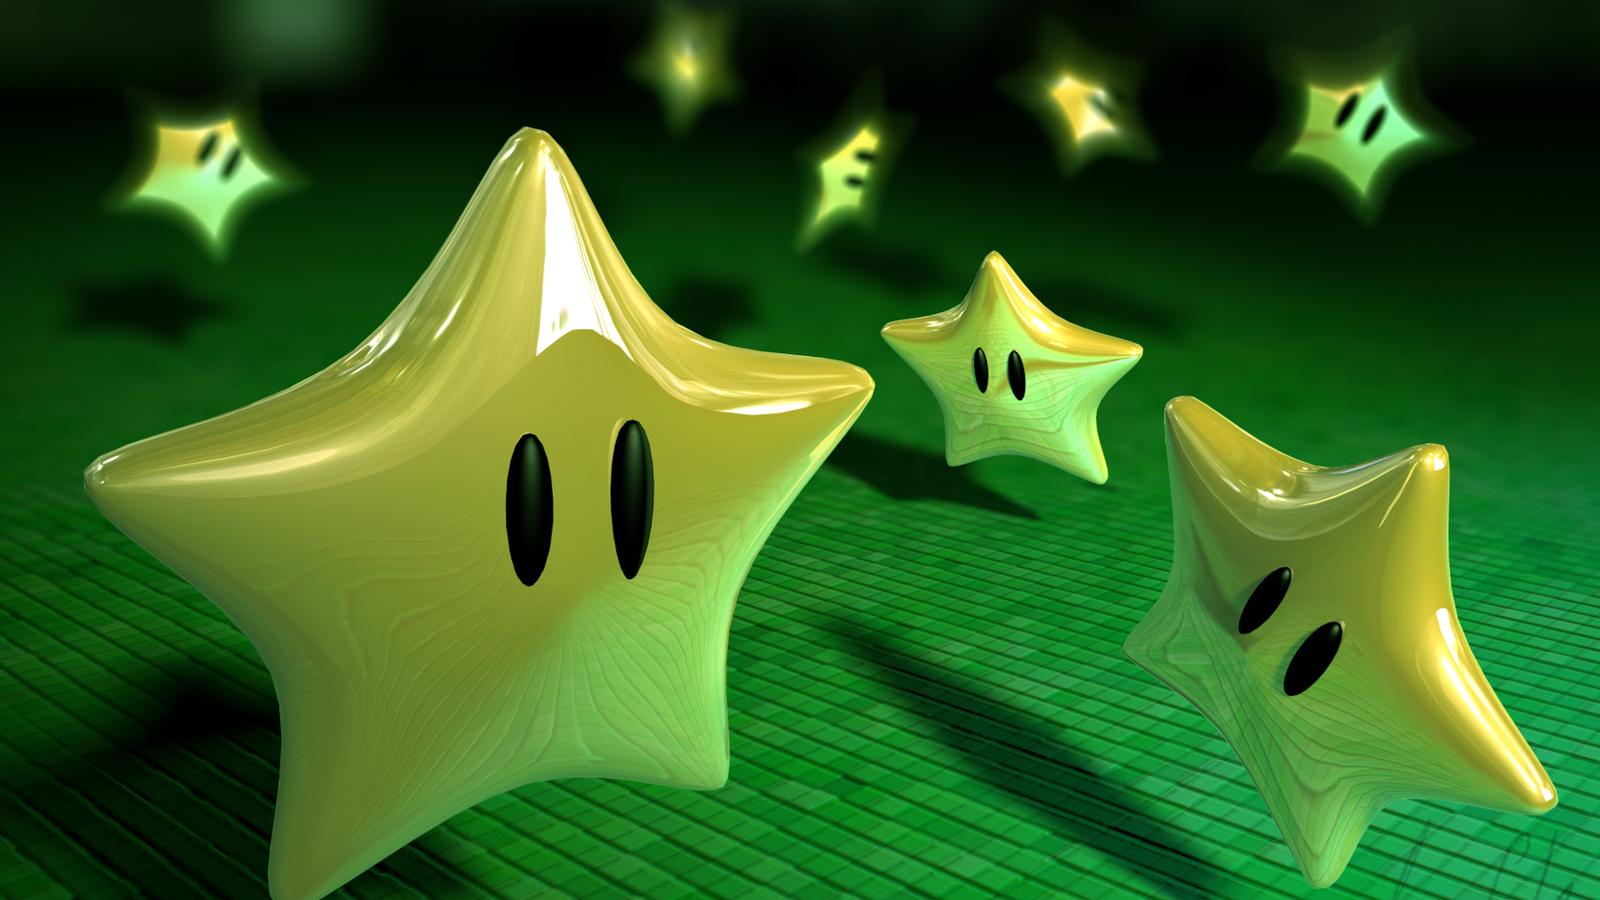 super-mario-stars-qhd.jpg